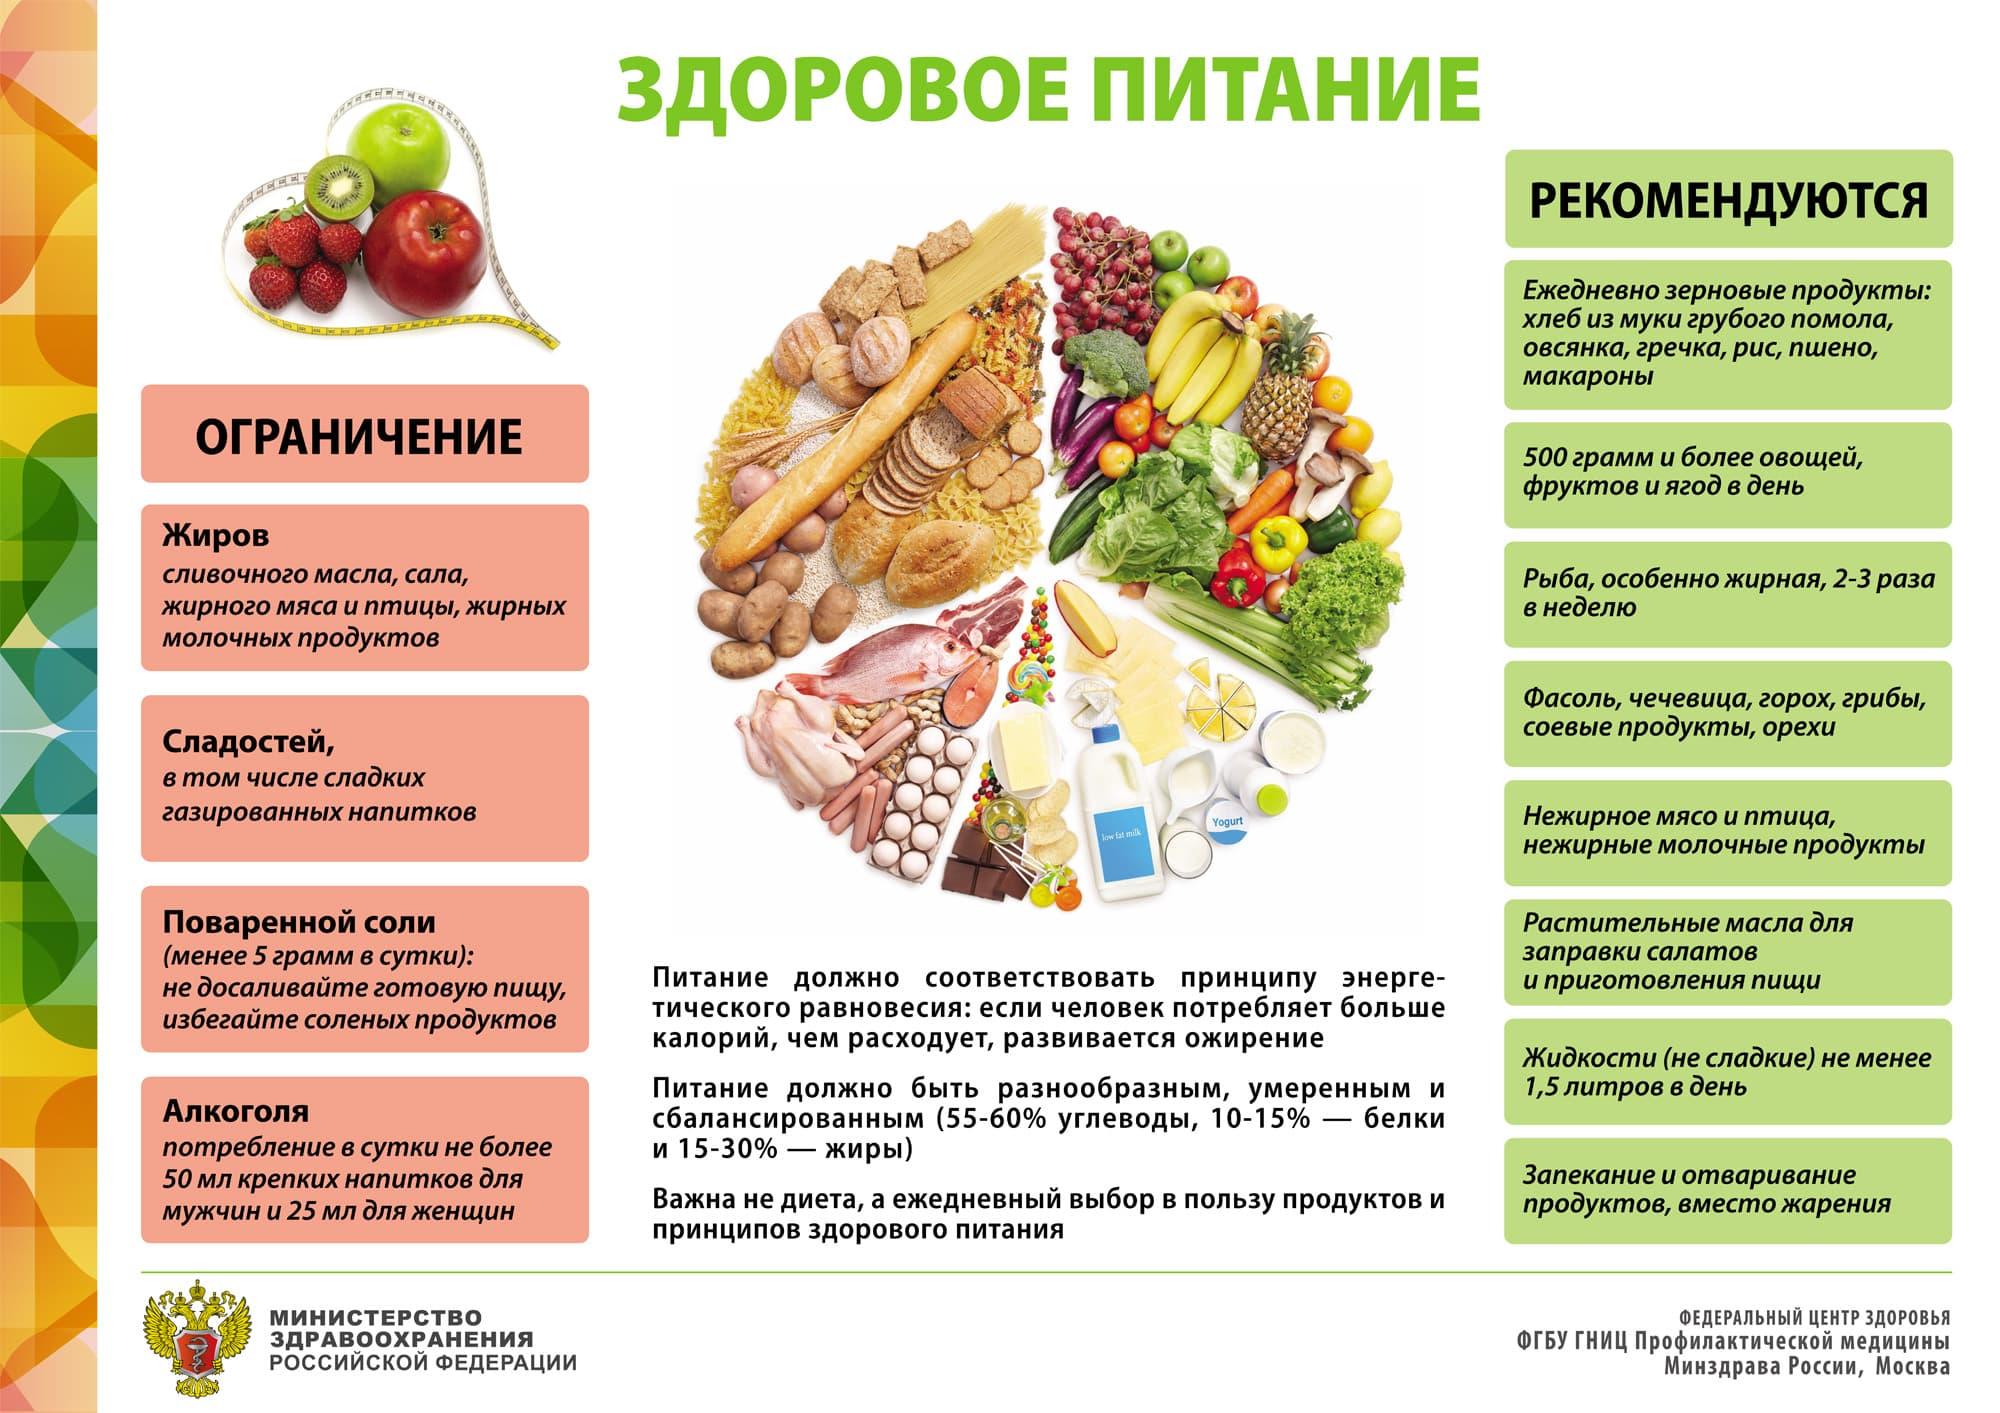 программа питания для похудения на 30 дней